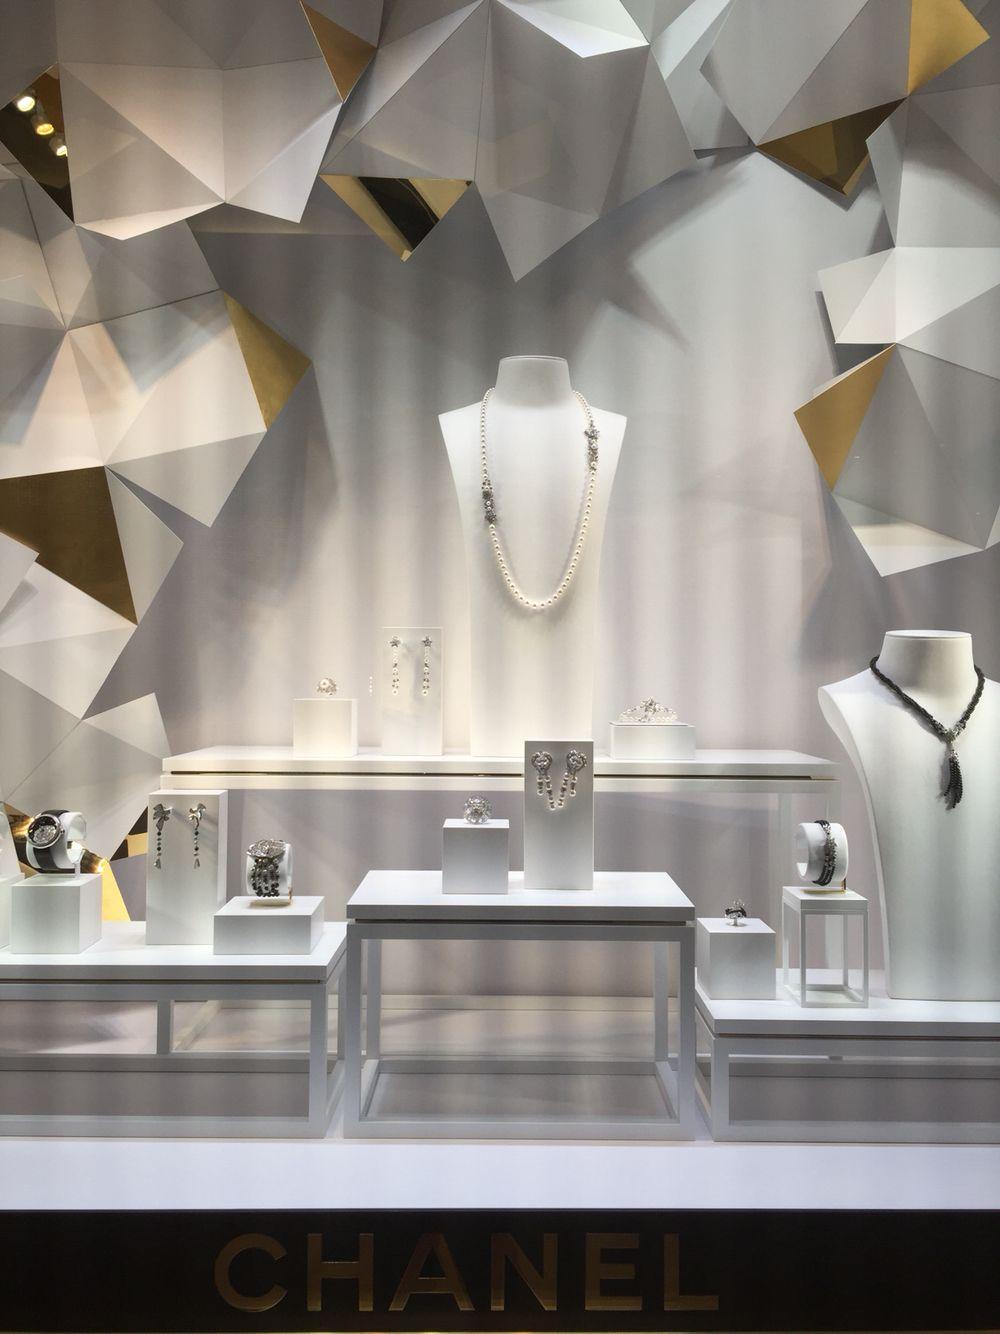 Chanel Fine Jewelry Window Display Encore Hotel Las